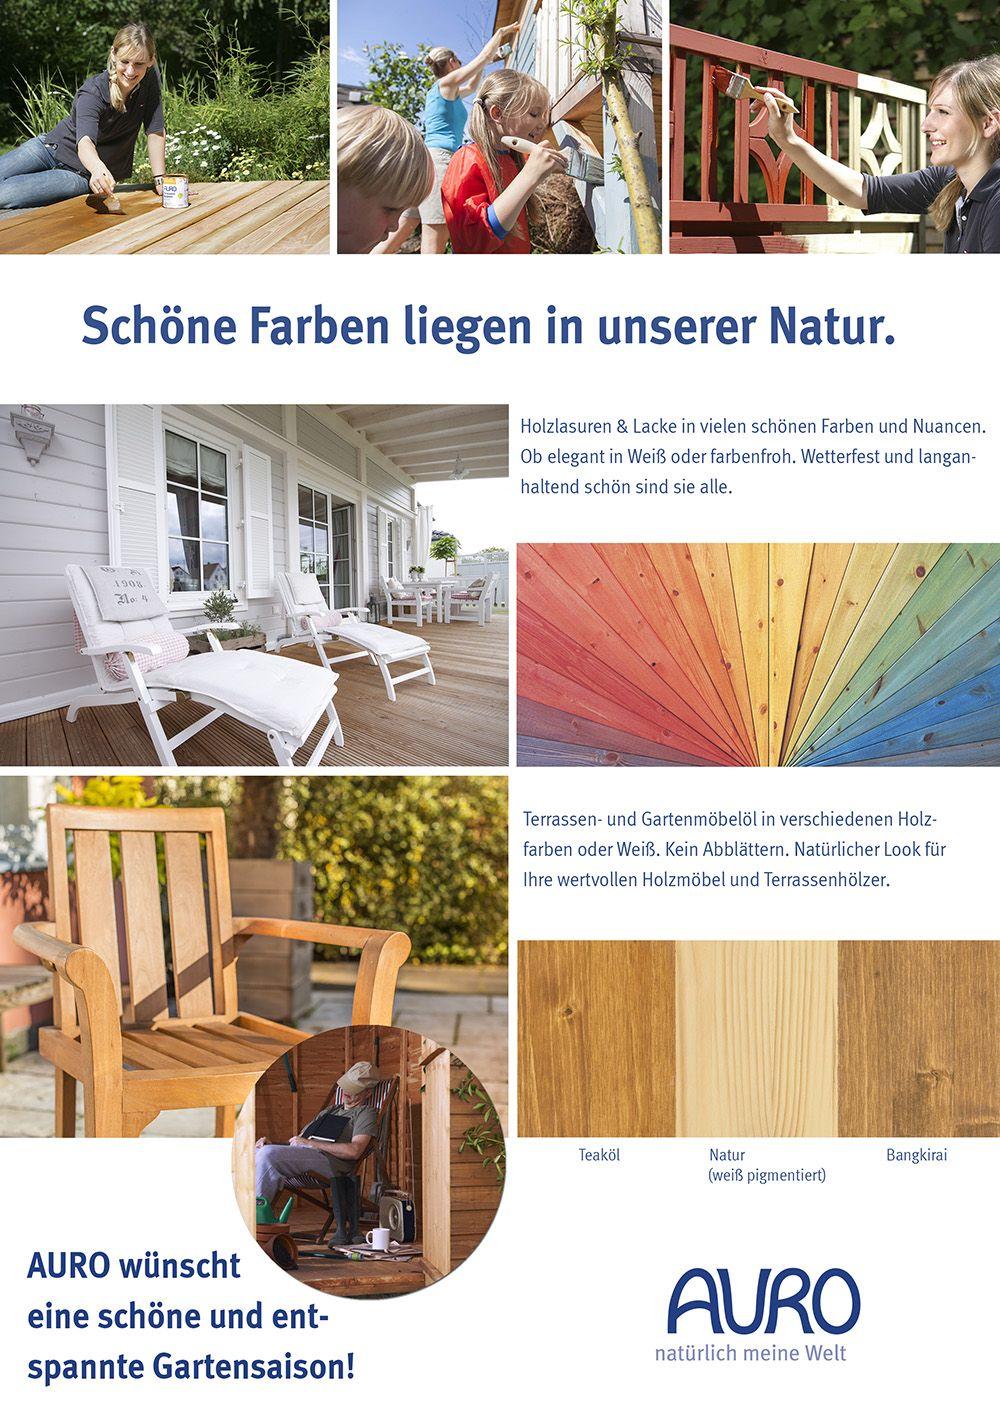 Farben Der Saison Holz Im Garten Auro Naturfarben Hersteller